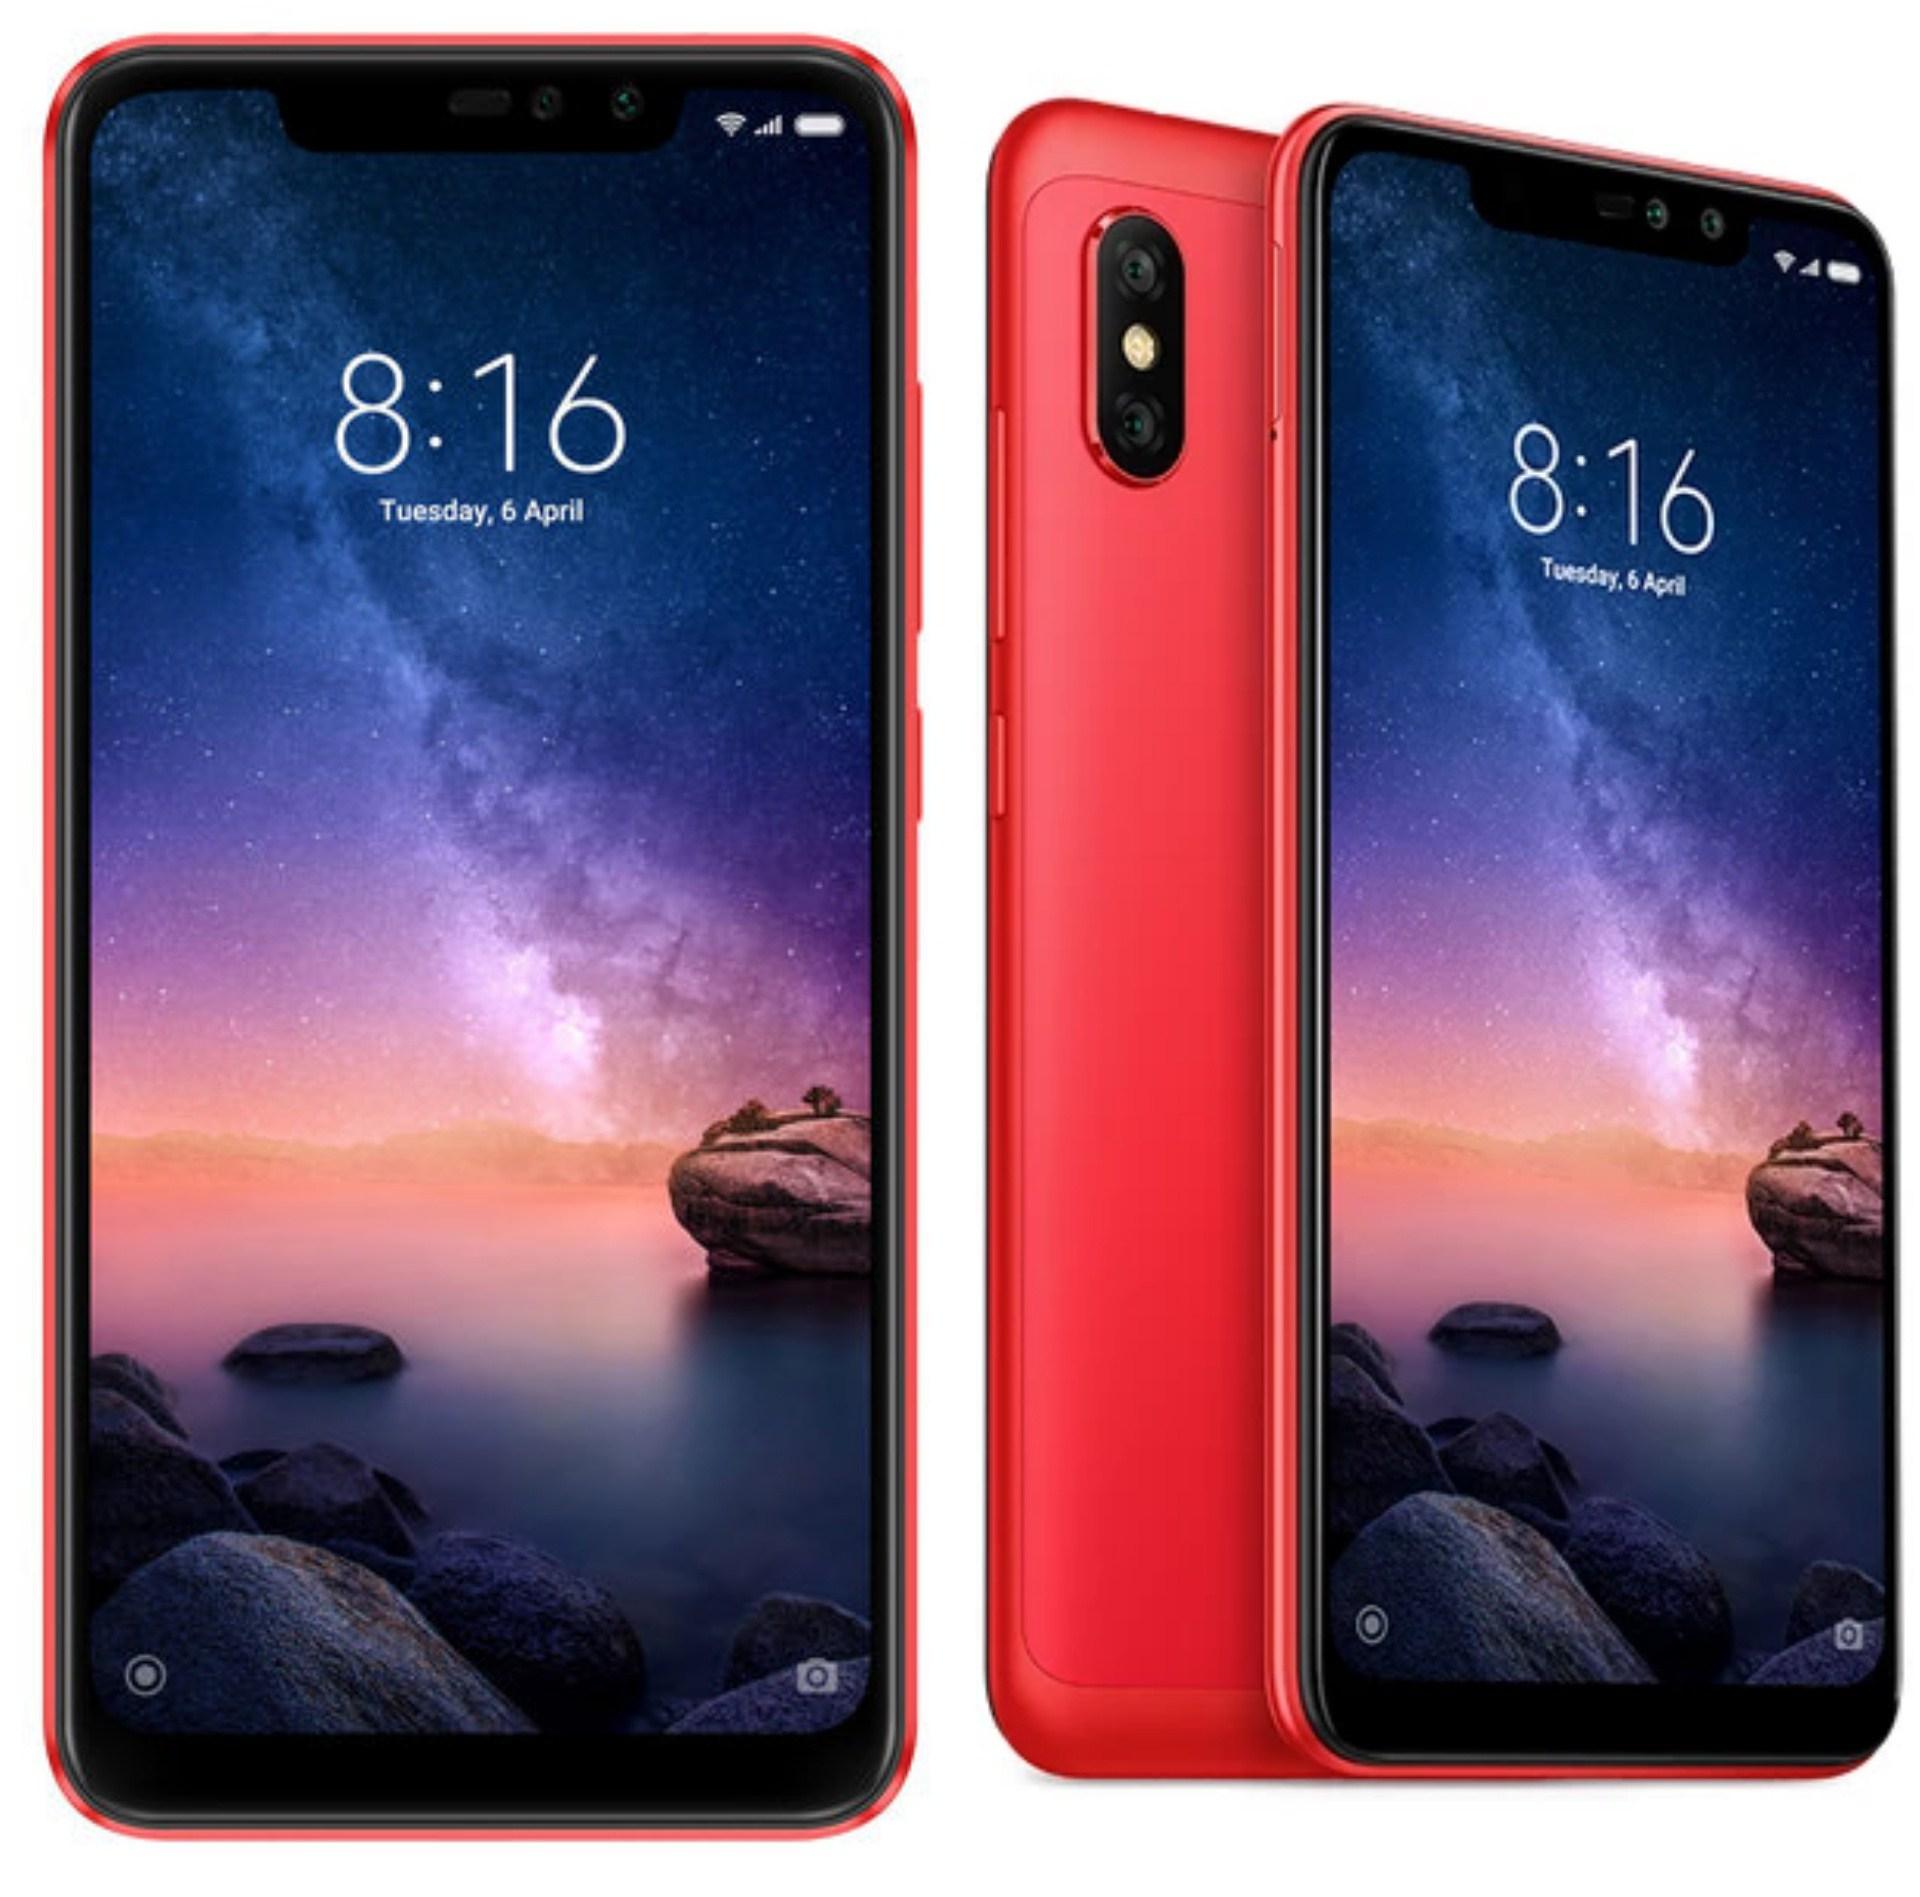 المقارنة الكاملة بين هاتف Samsung Galaxy A7 (2018) وهاتف Xiaomi Redmi Note 6 Pro